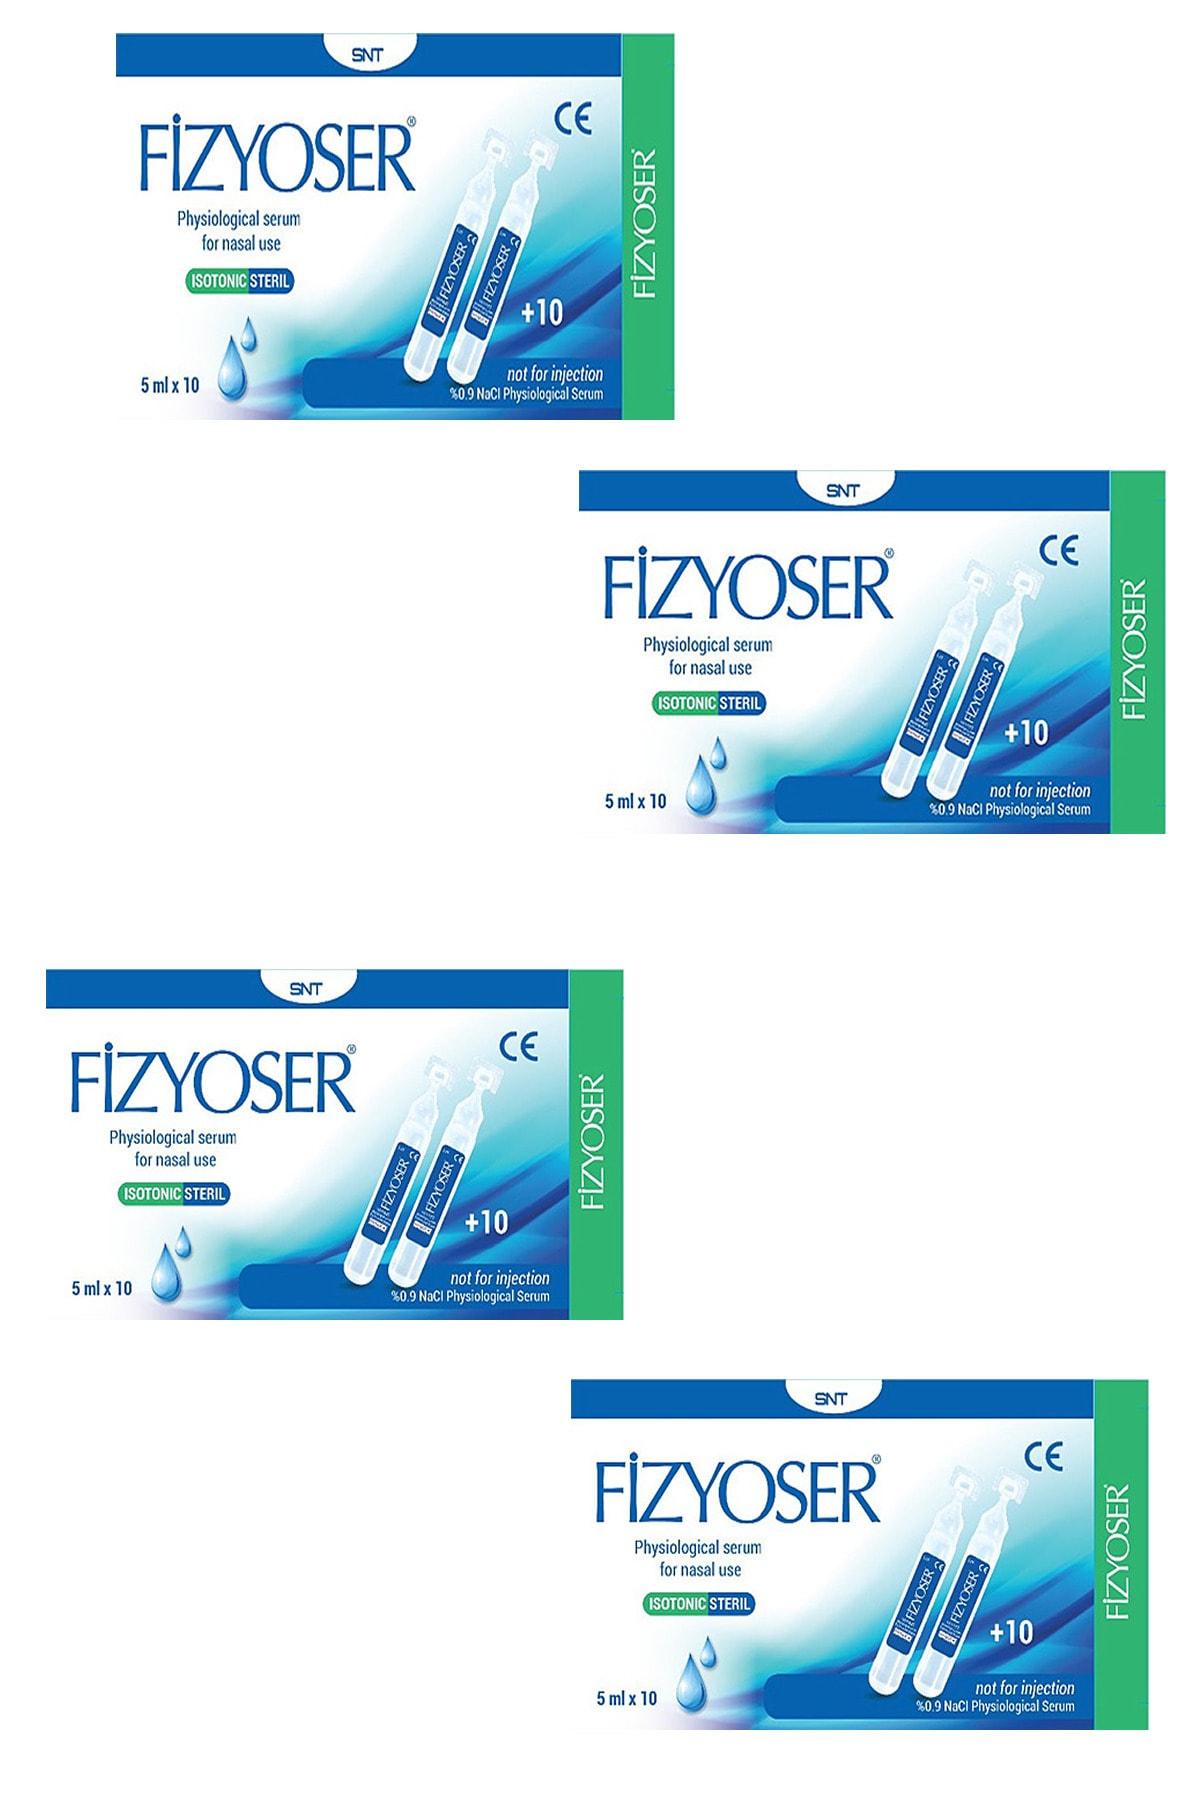 PHYMER Fizyoser Serum Fizyolojik 5 ml x 20 Flakon 4 Kutu 1